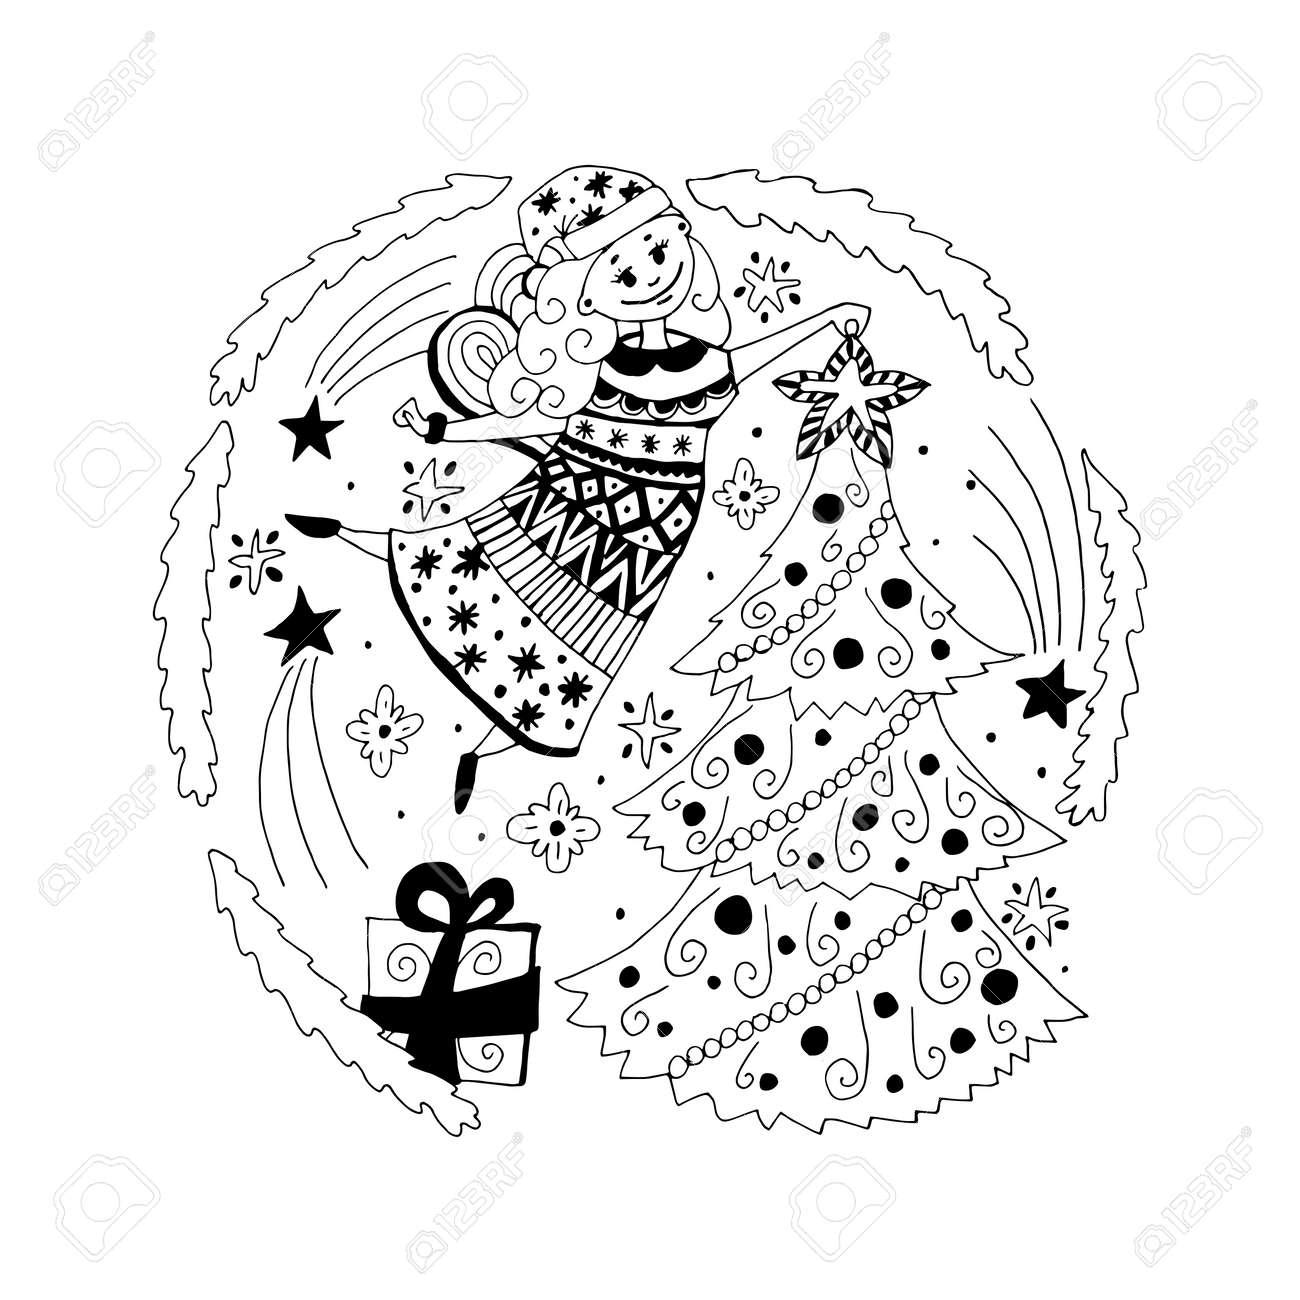 Estilo De Dibujos Animados Dibujado ángel De La Navidad, Hadas ...